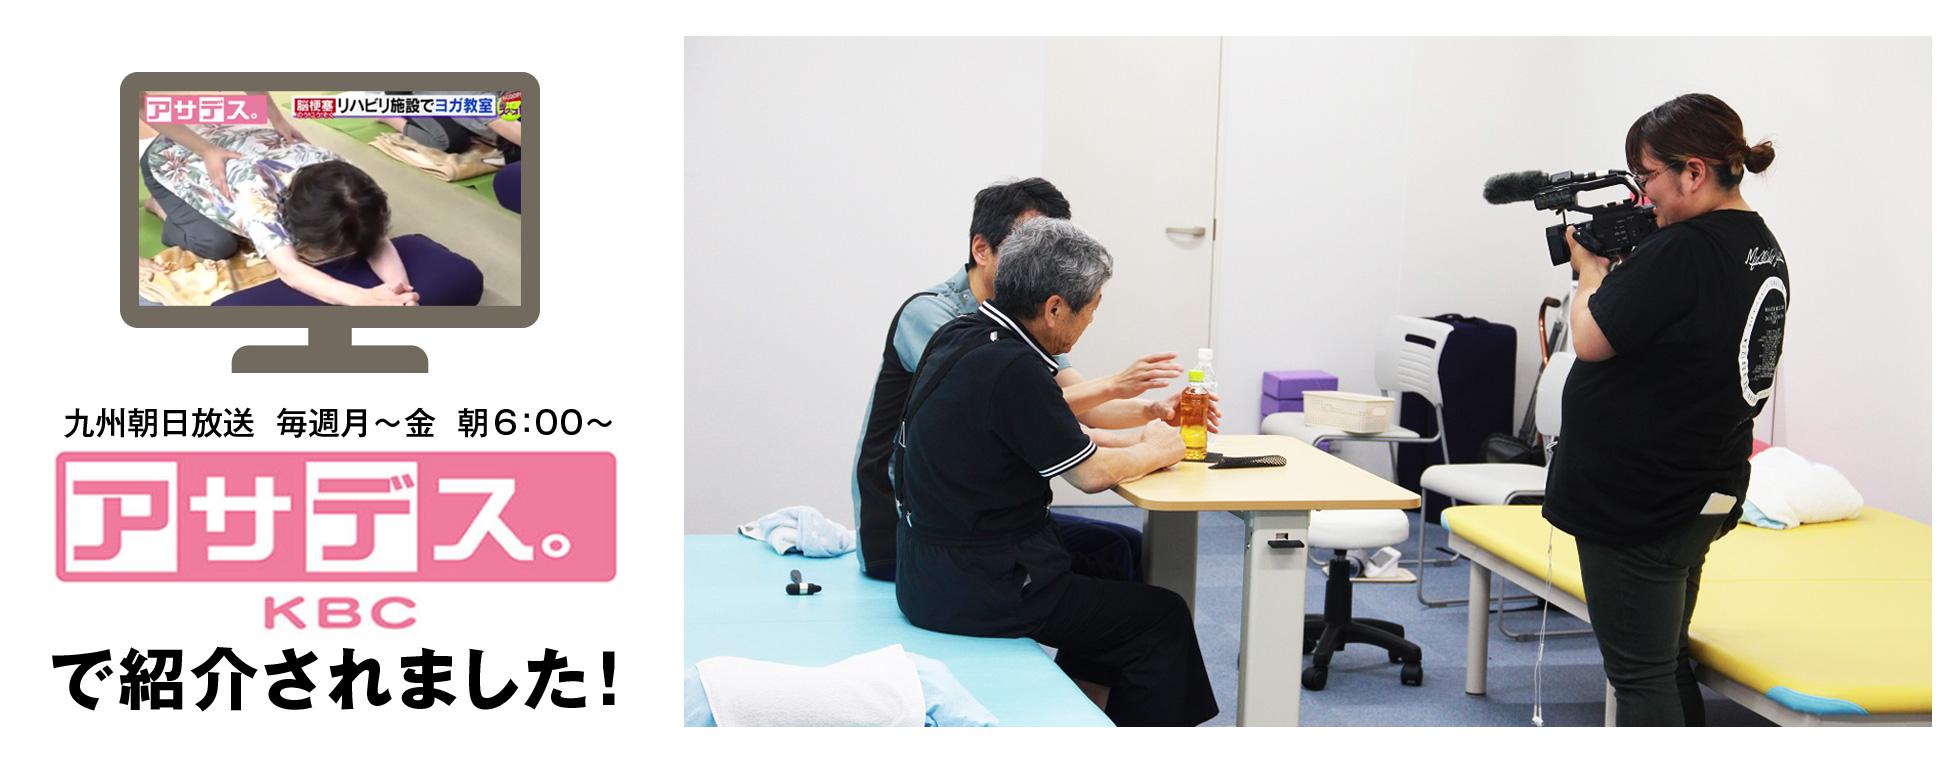 九州朝日放送 アサデス。(KBC)で紹介されました!